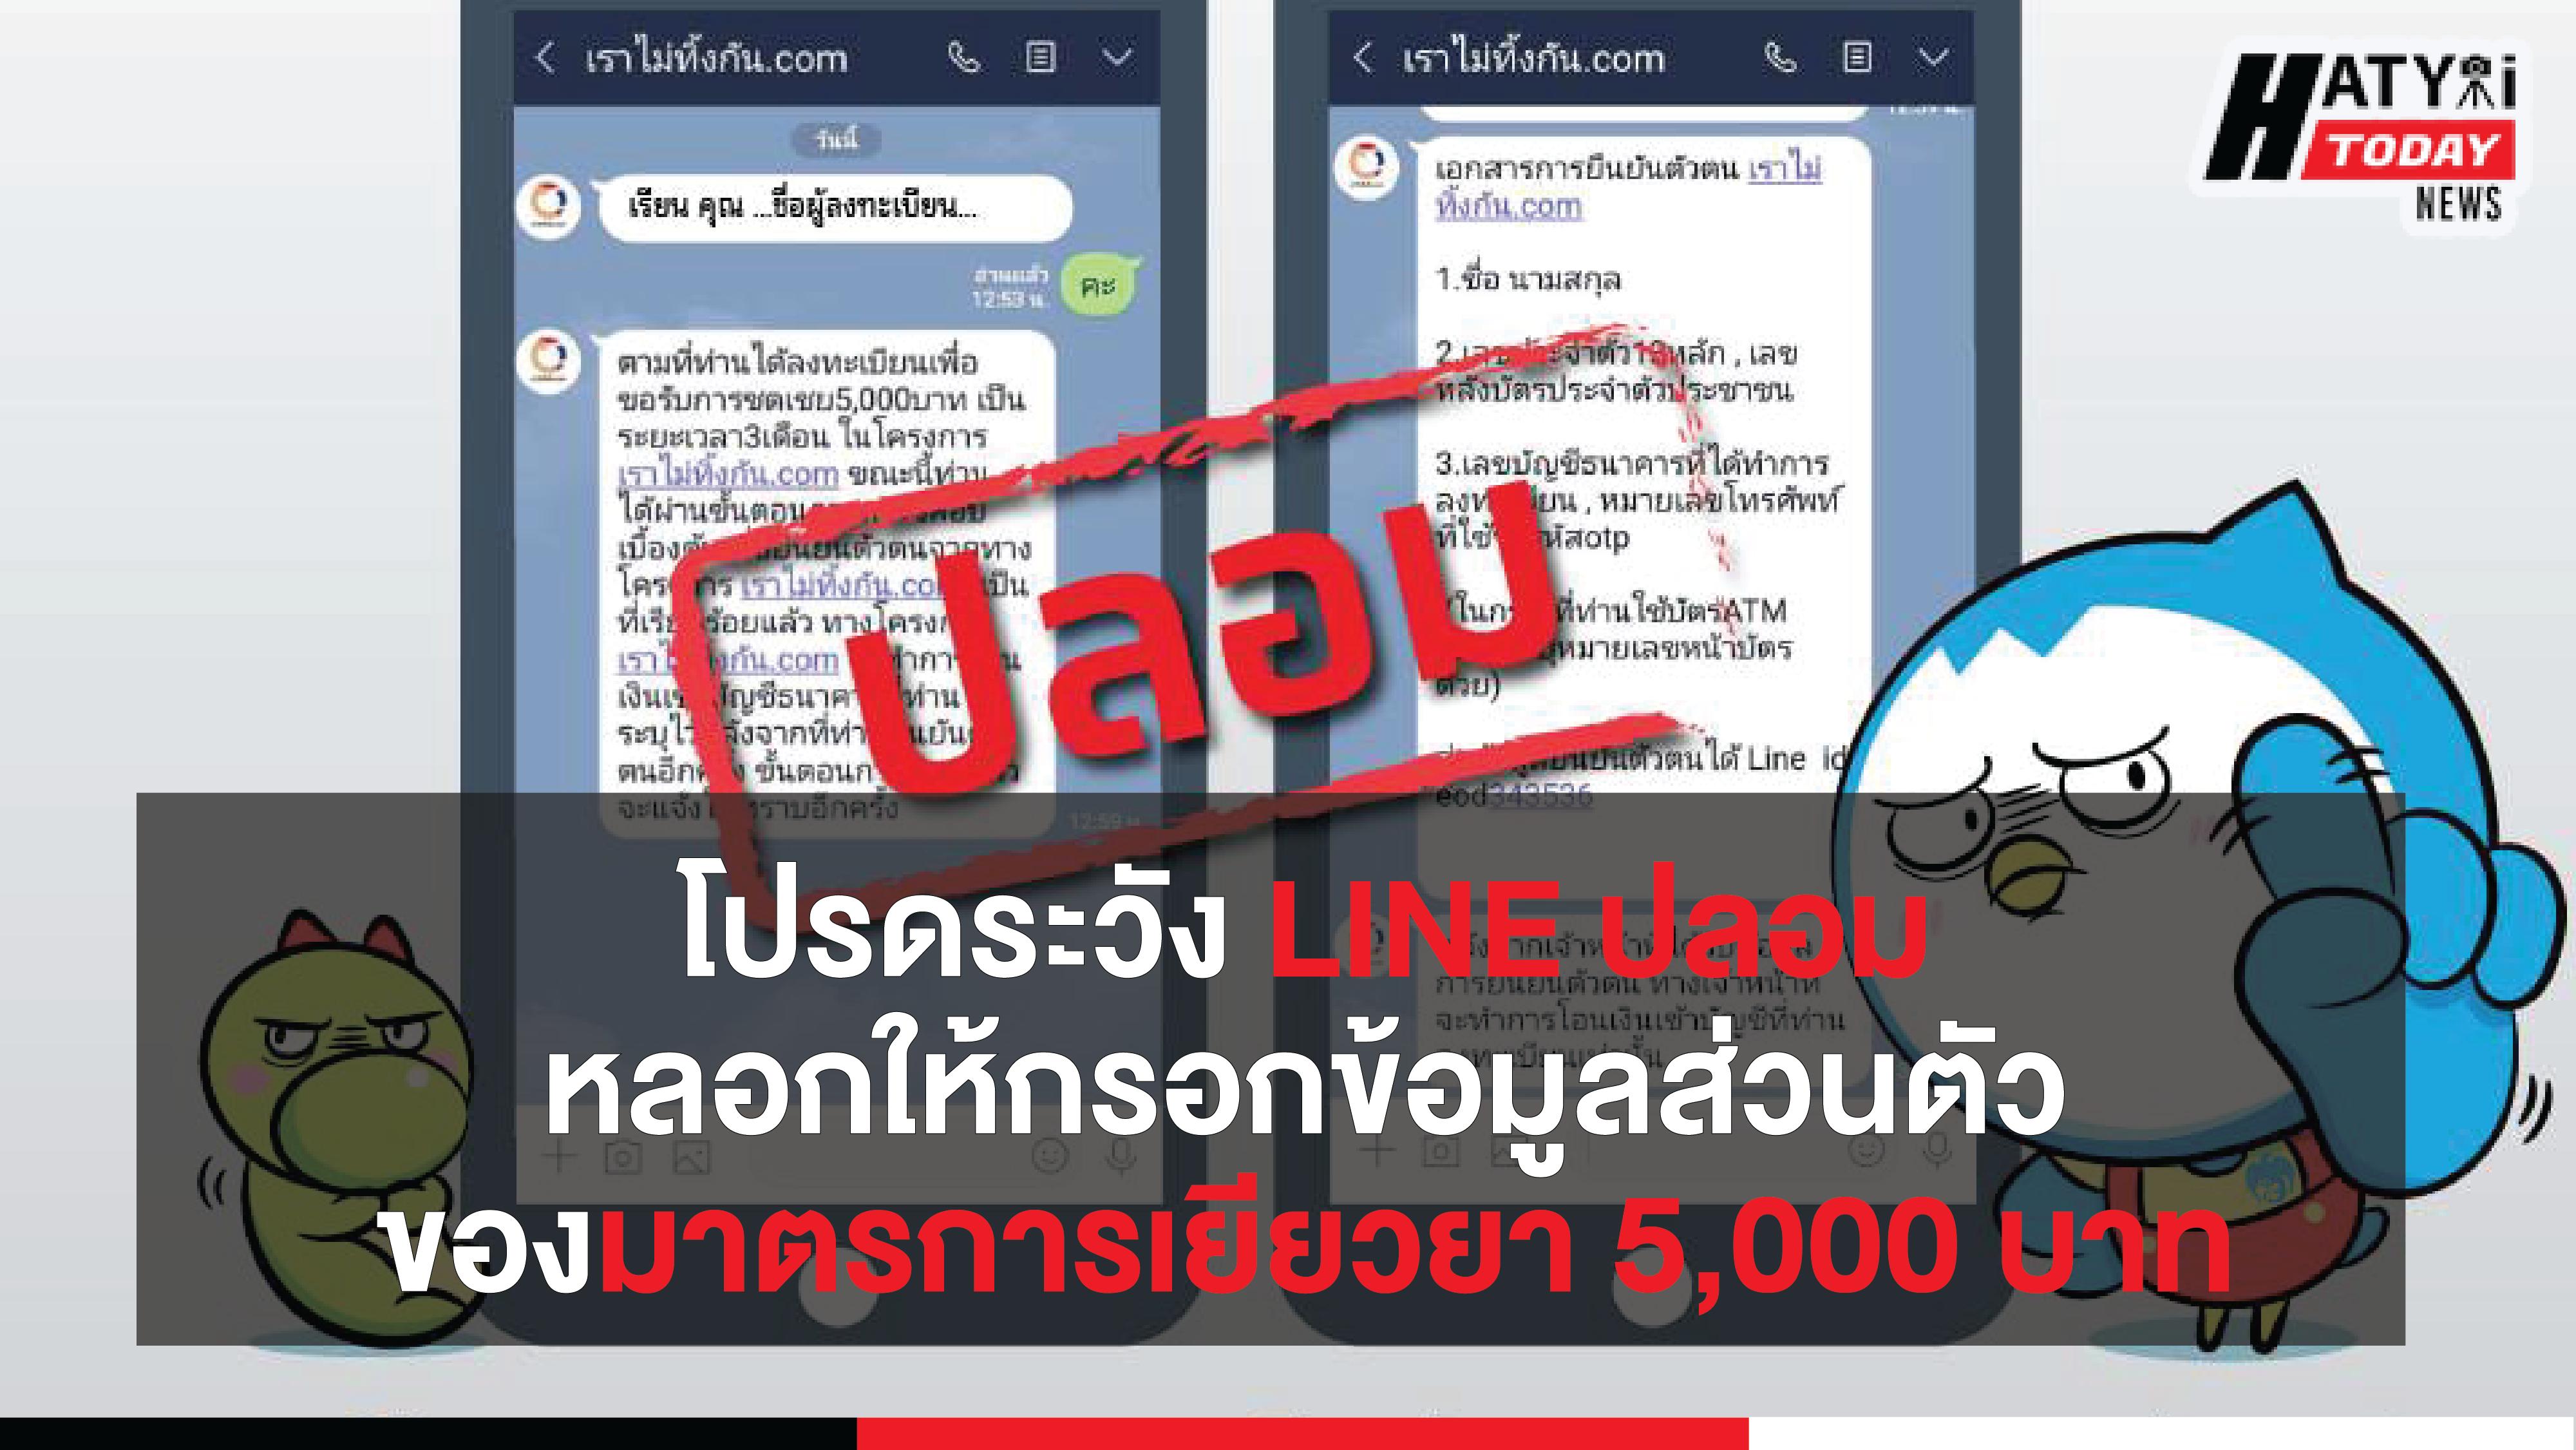 โปรดระวัง LINE ปลอมหลอกให้กรอกข้อมูลส่วนตัวของมาตรการเยียวยา 5,000 บาท